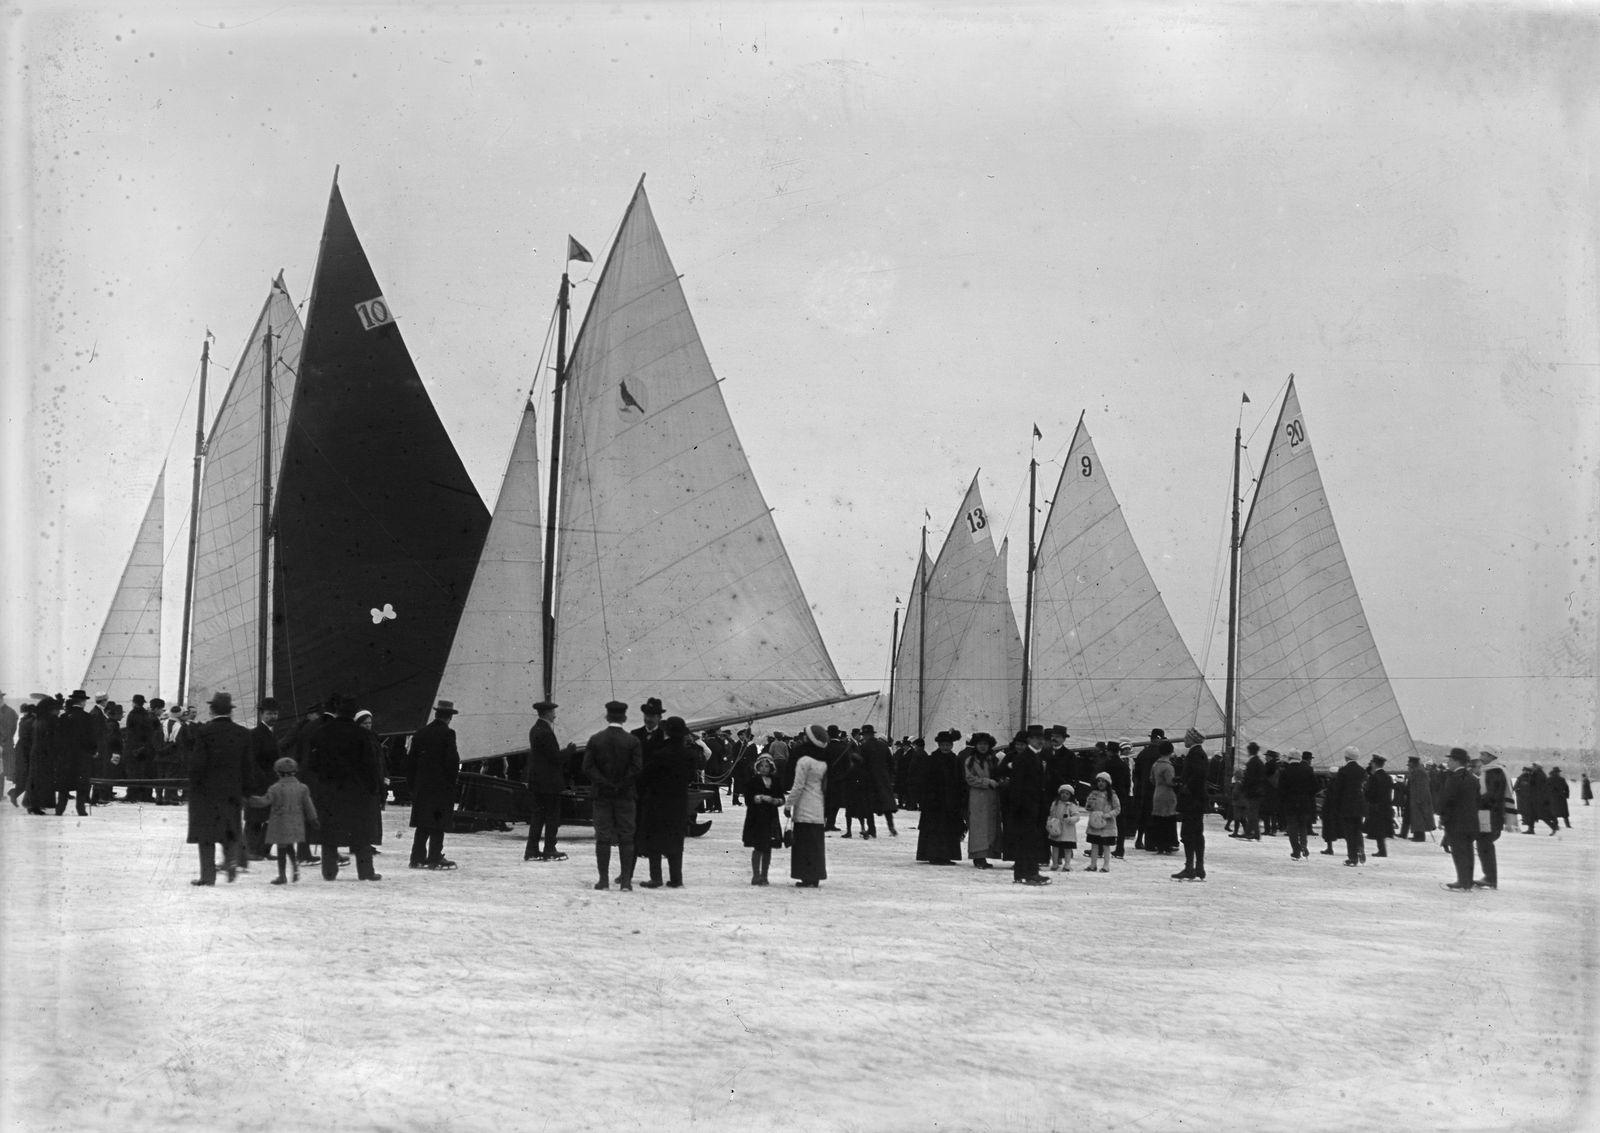 Eissegeln auf dem Müggelsee, um 1905 © bpk / Kunstbibliothek, SMB / Willy Römer